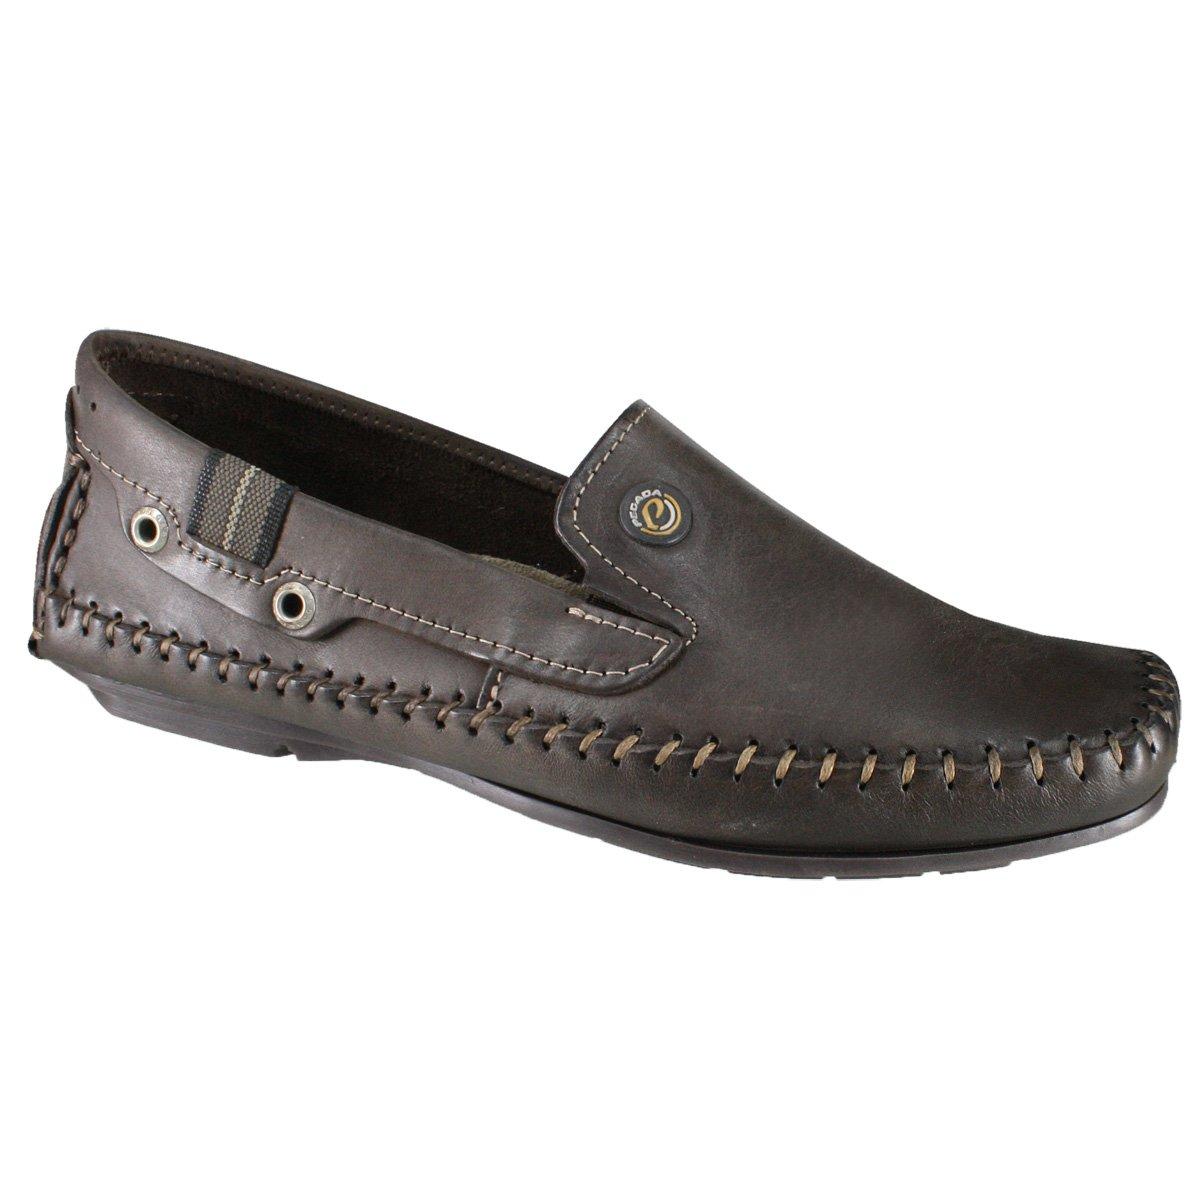 fdb3a95bb6 Sapato Masculino Pegada Drive 148911-04 - Cravo (Nobuck Oil) - Botas ...